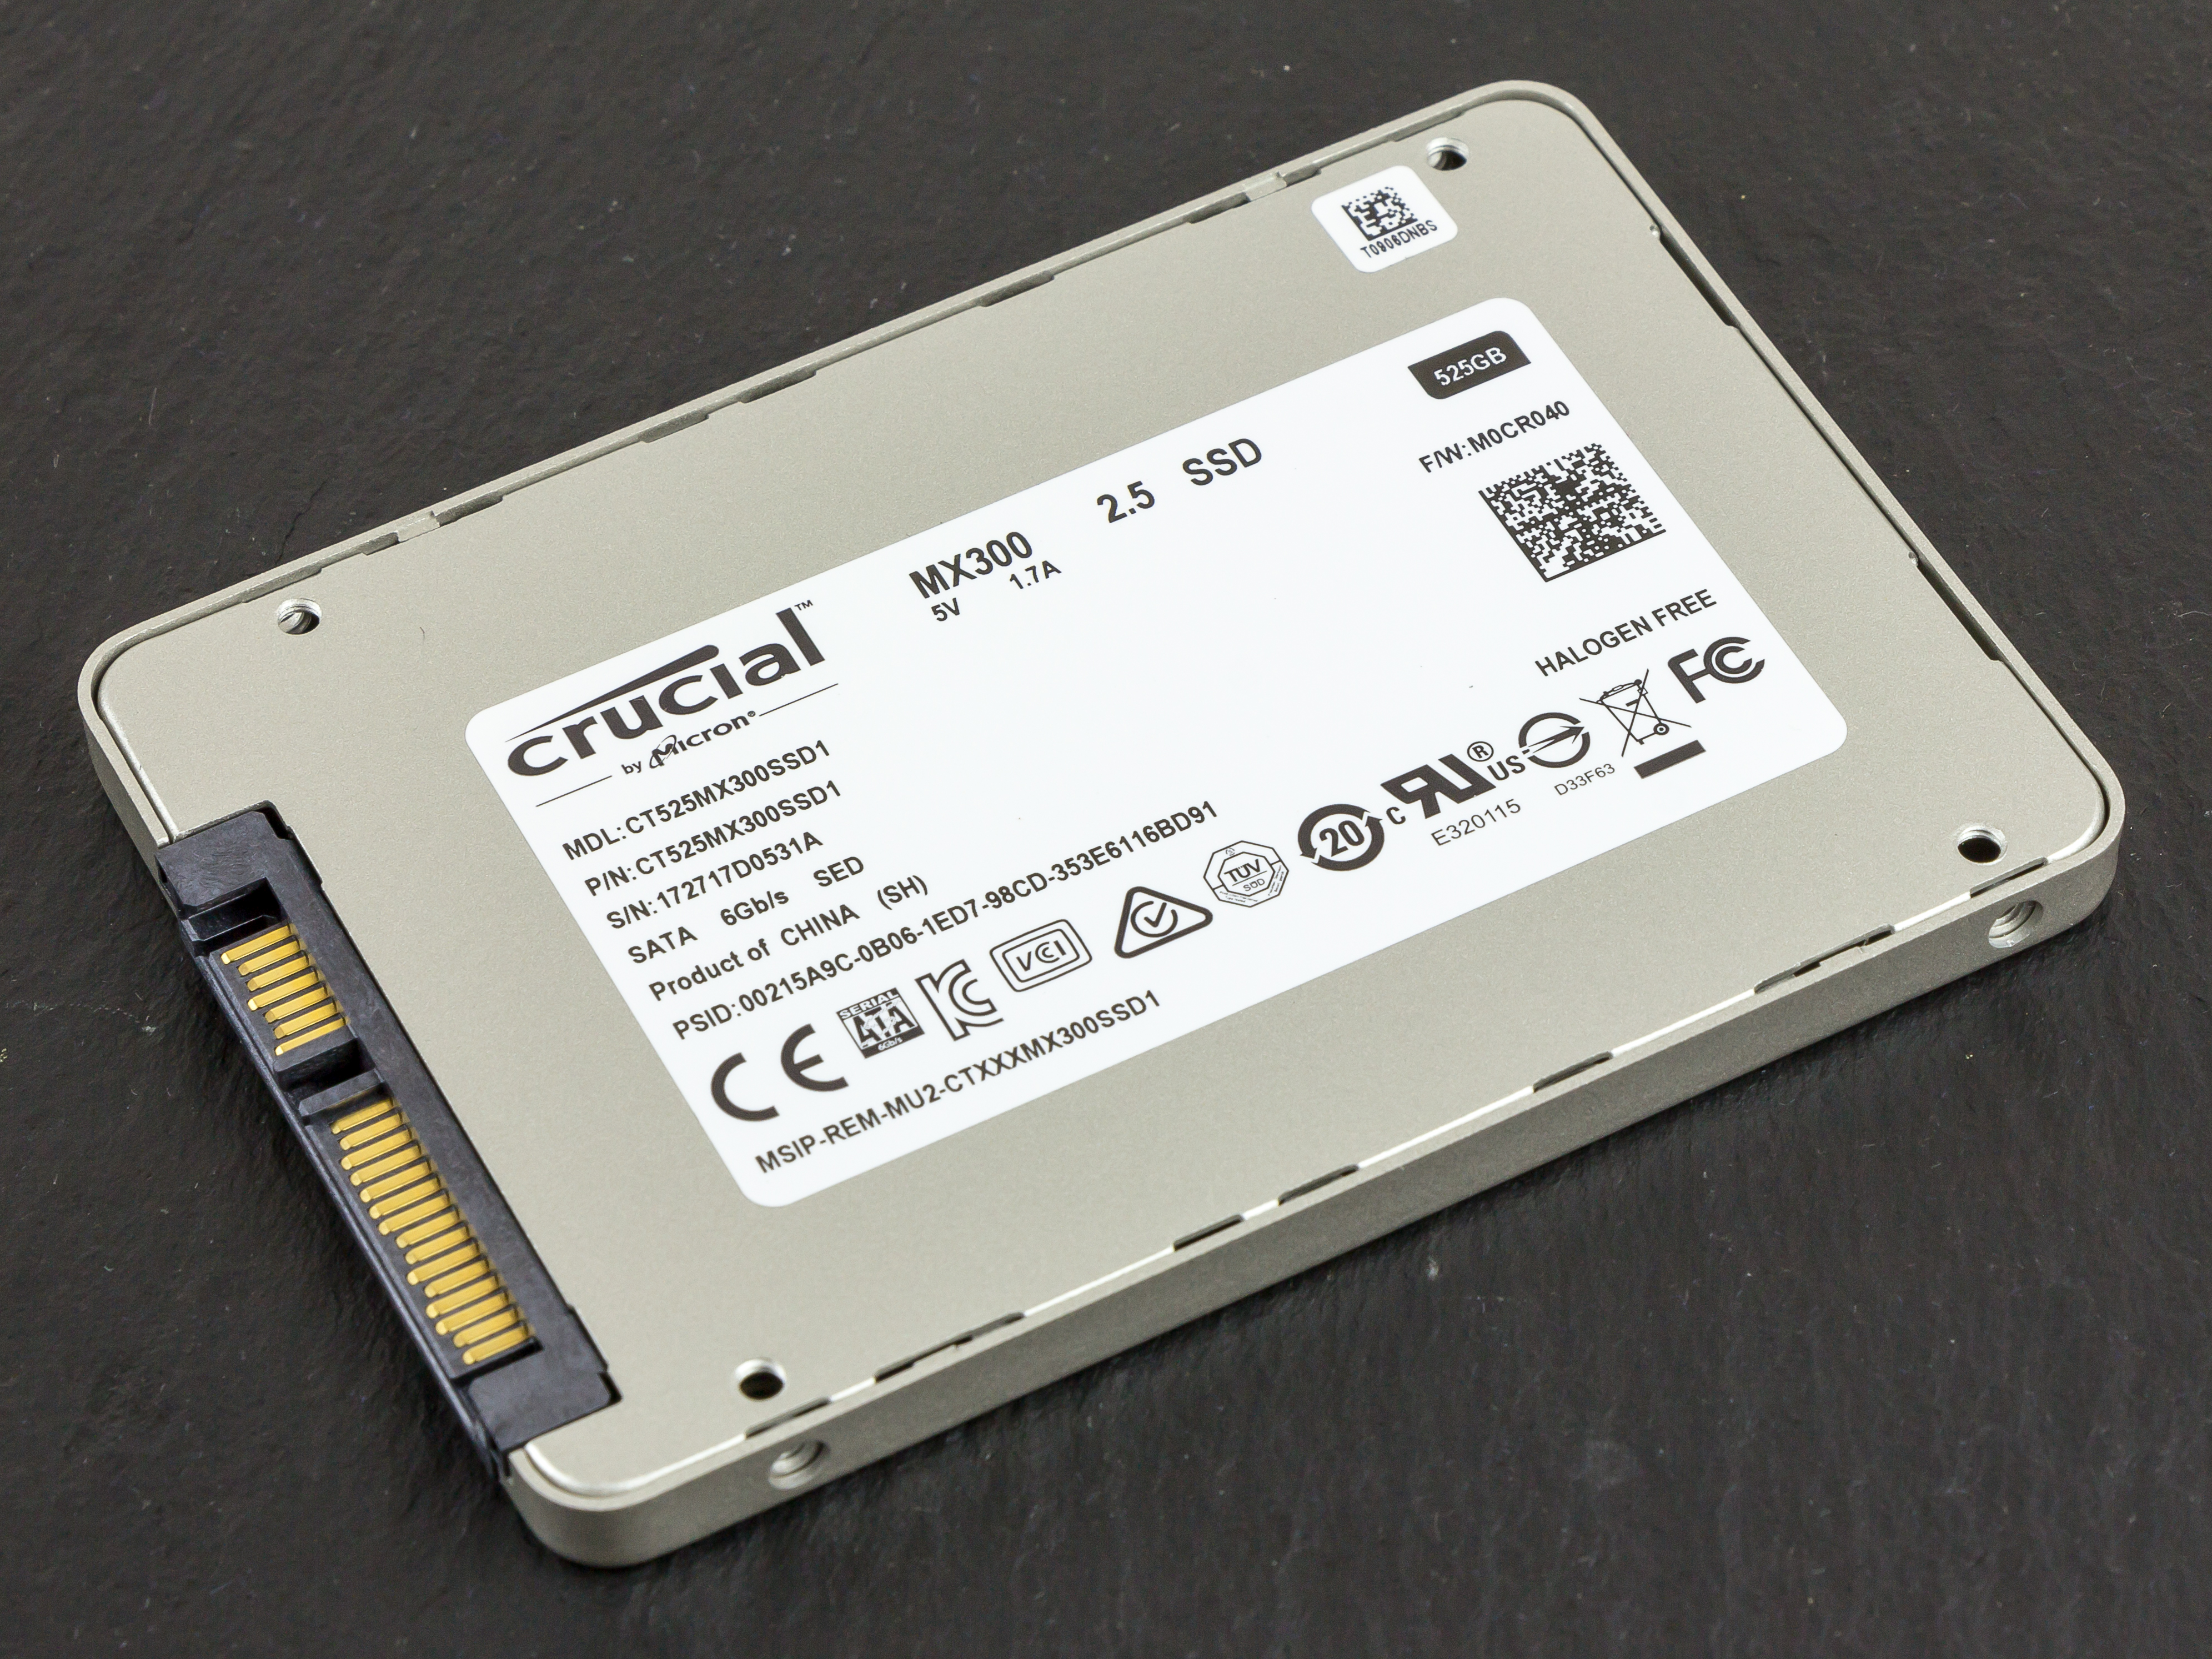 https://upload.wikimedia.org/wikipedia/commons/d/d7/Crucial_SSD_MX300_525GB-8479.jpg